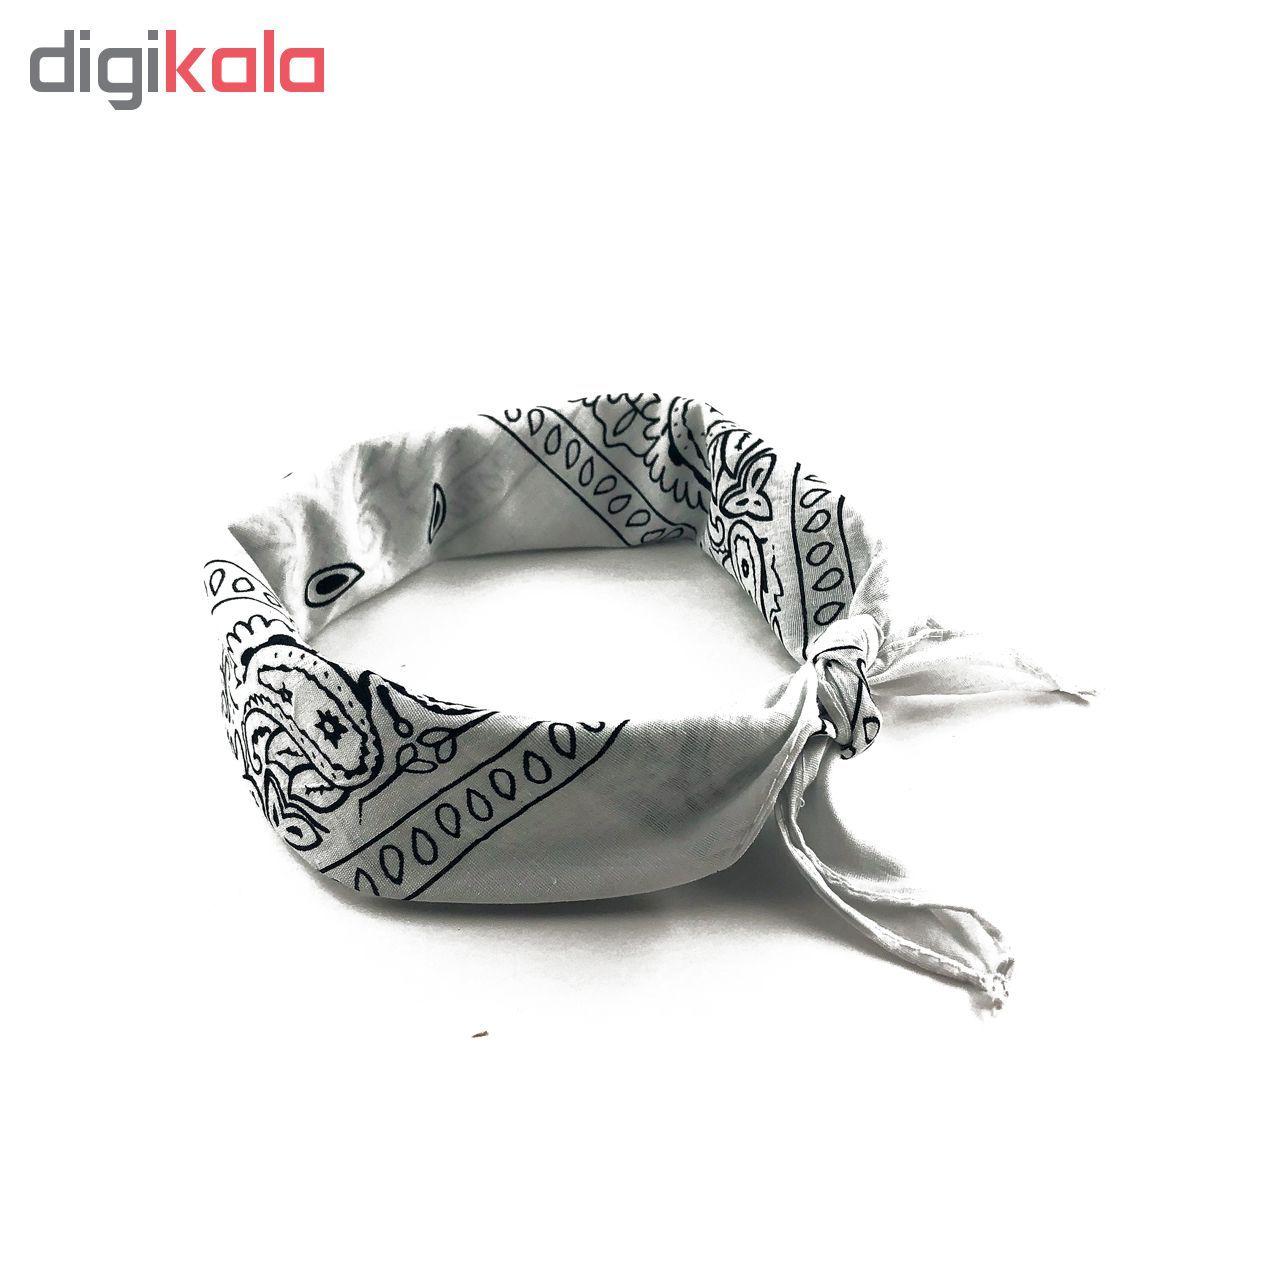 دستمال سر و گردن مدل khavar012 main 1 4